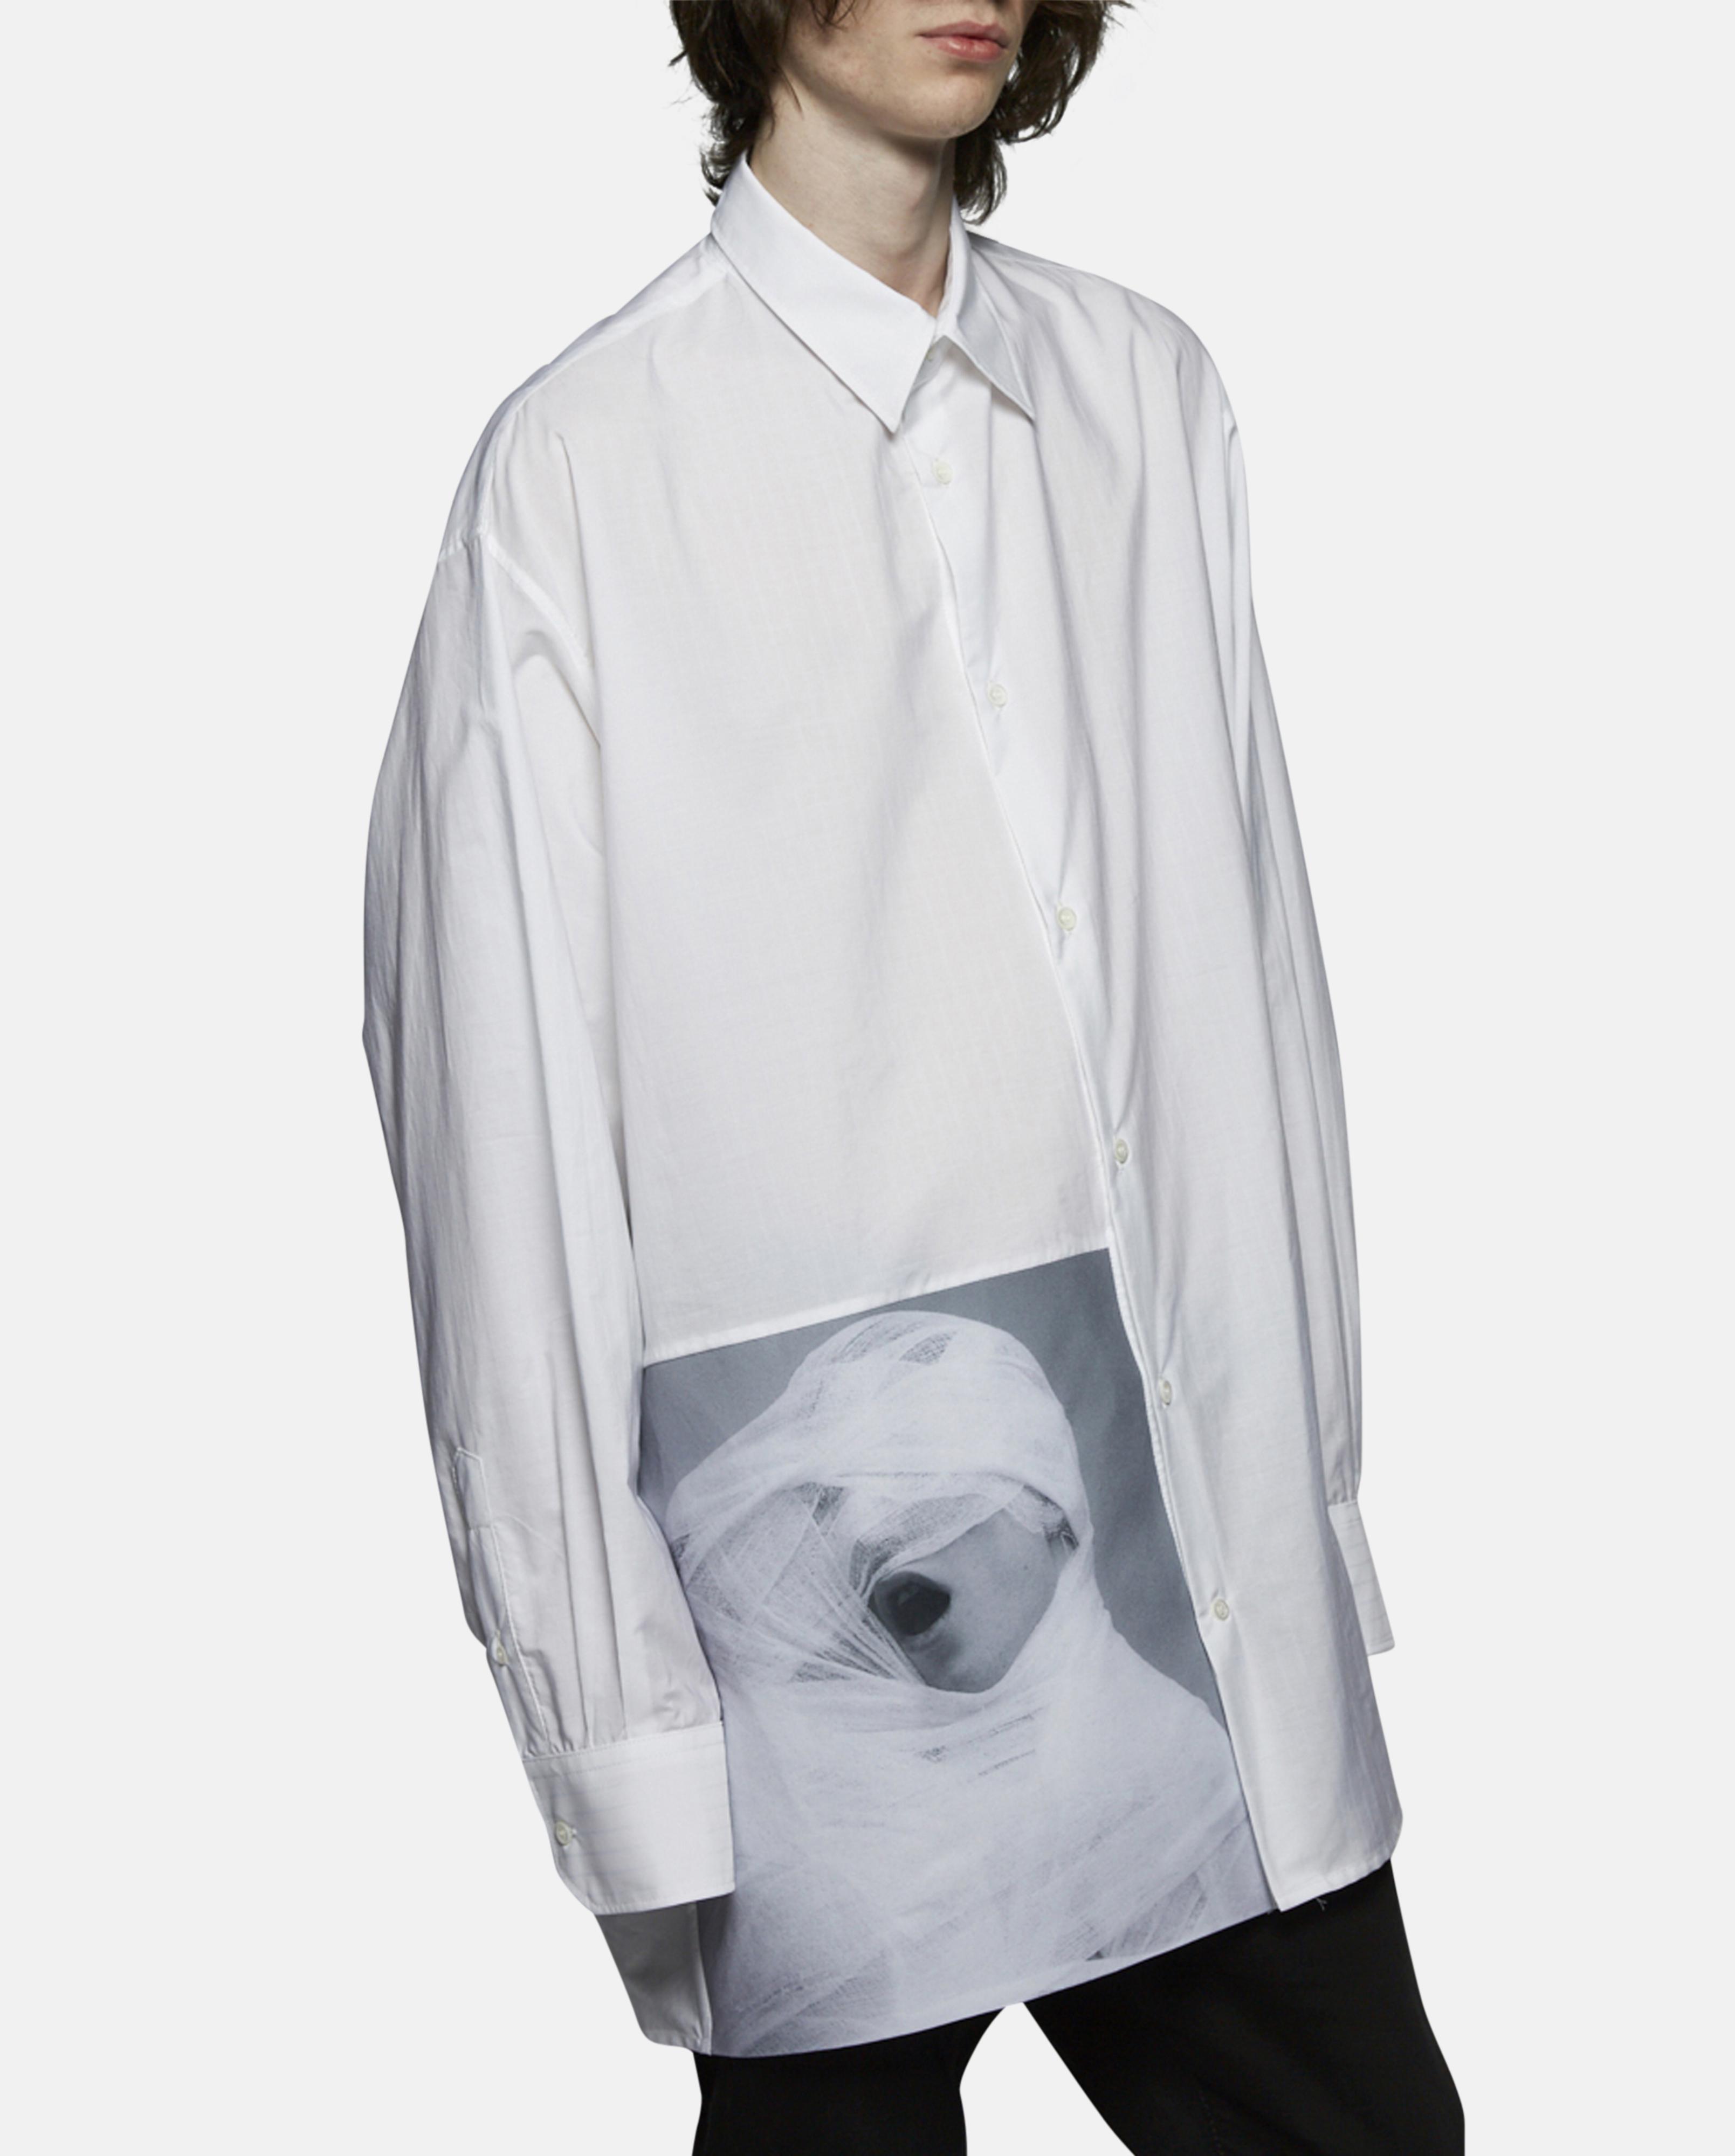 Raf Simons Oversized White Gauze Shirt In White For Men Lyst